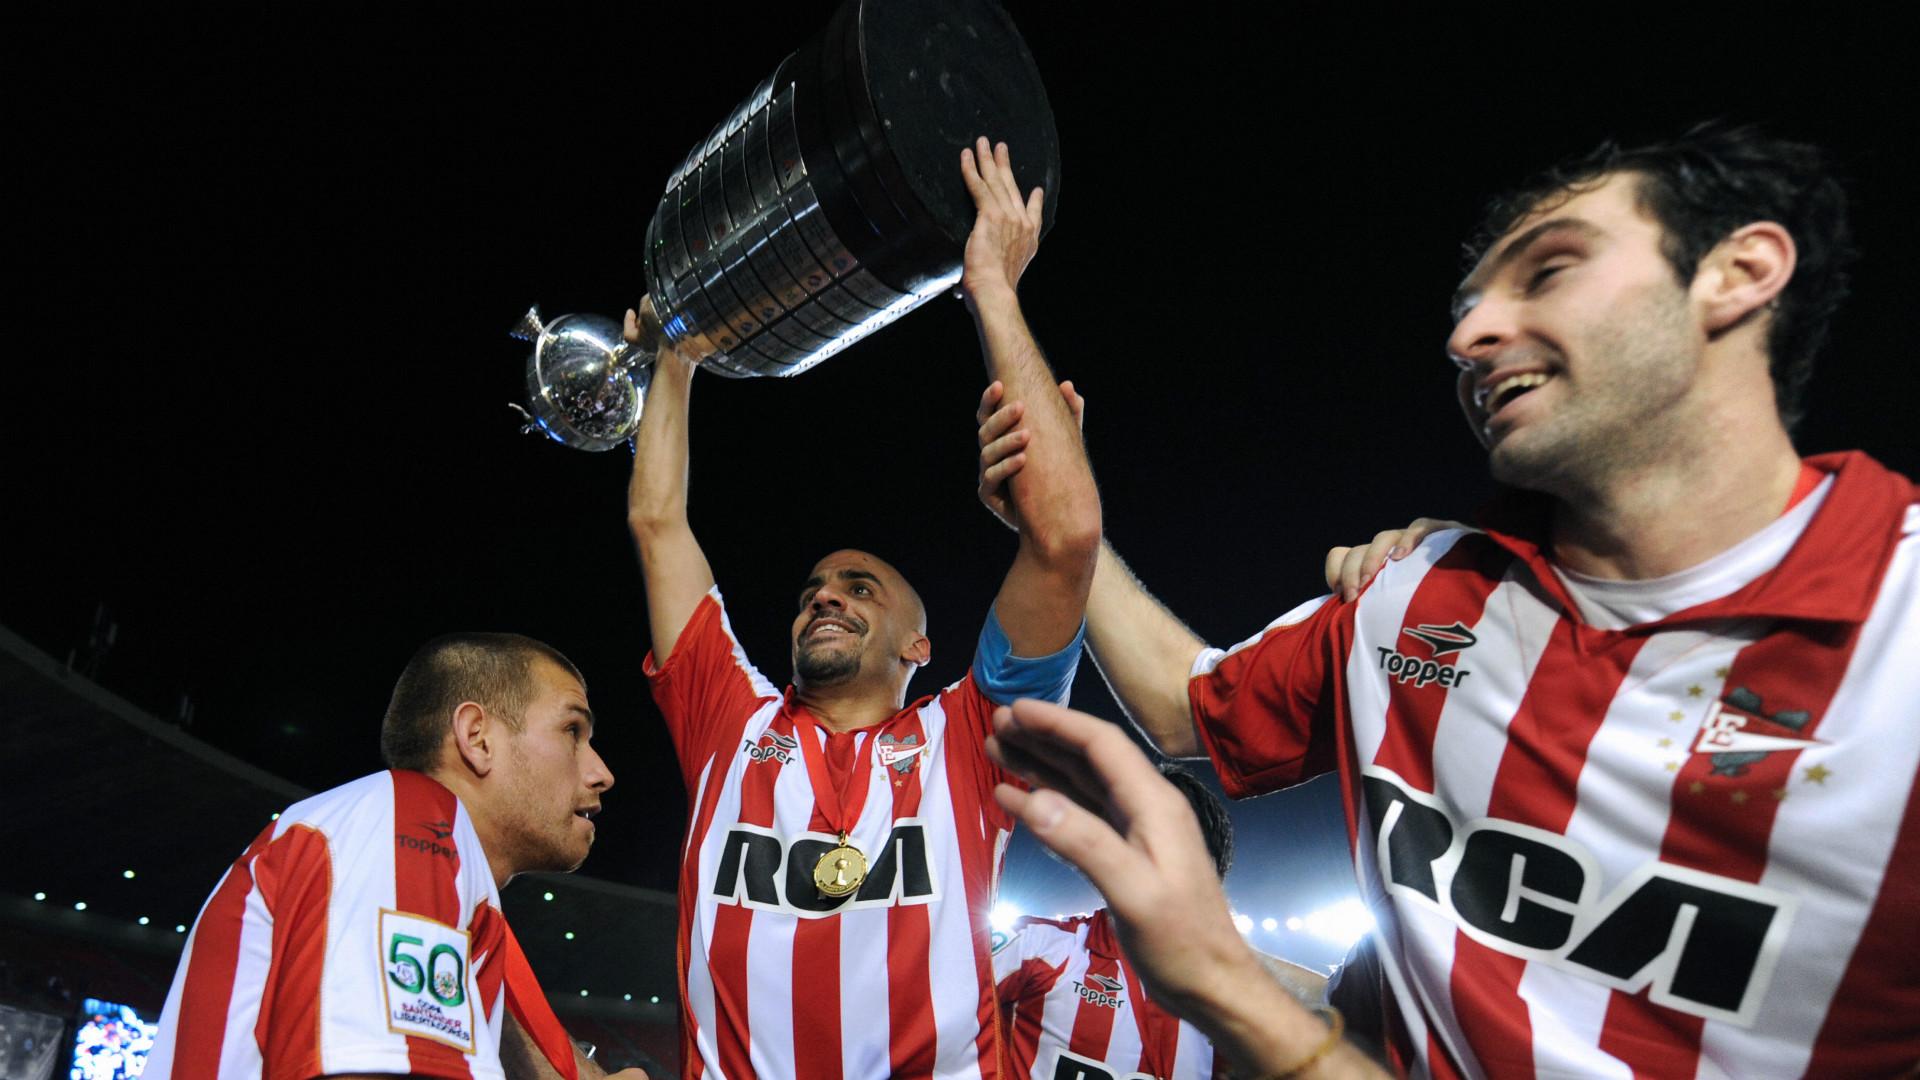 Estudiantes Copa Libertadores 2009